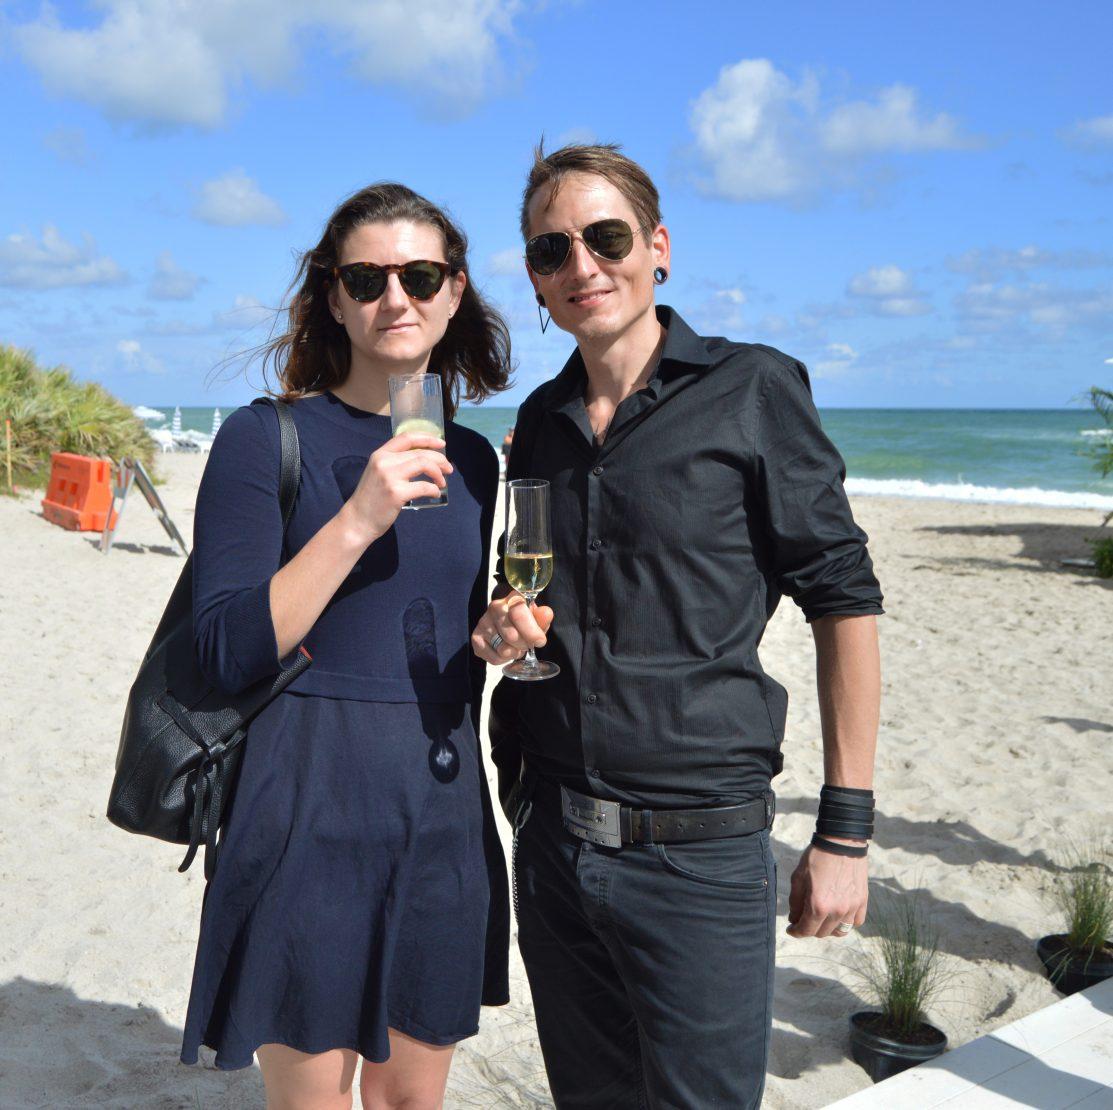 Constanze Murfitt and Marc von der Hocht